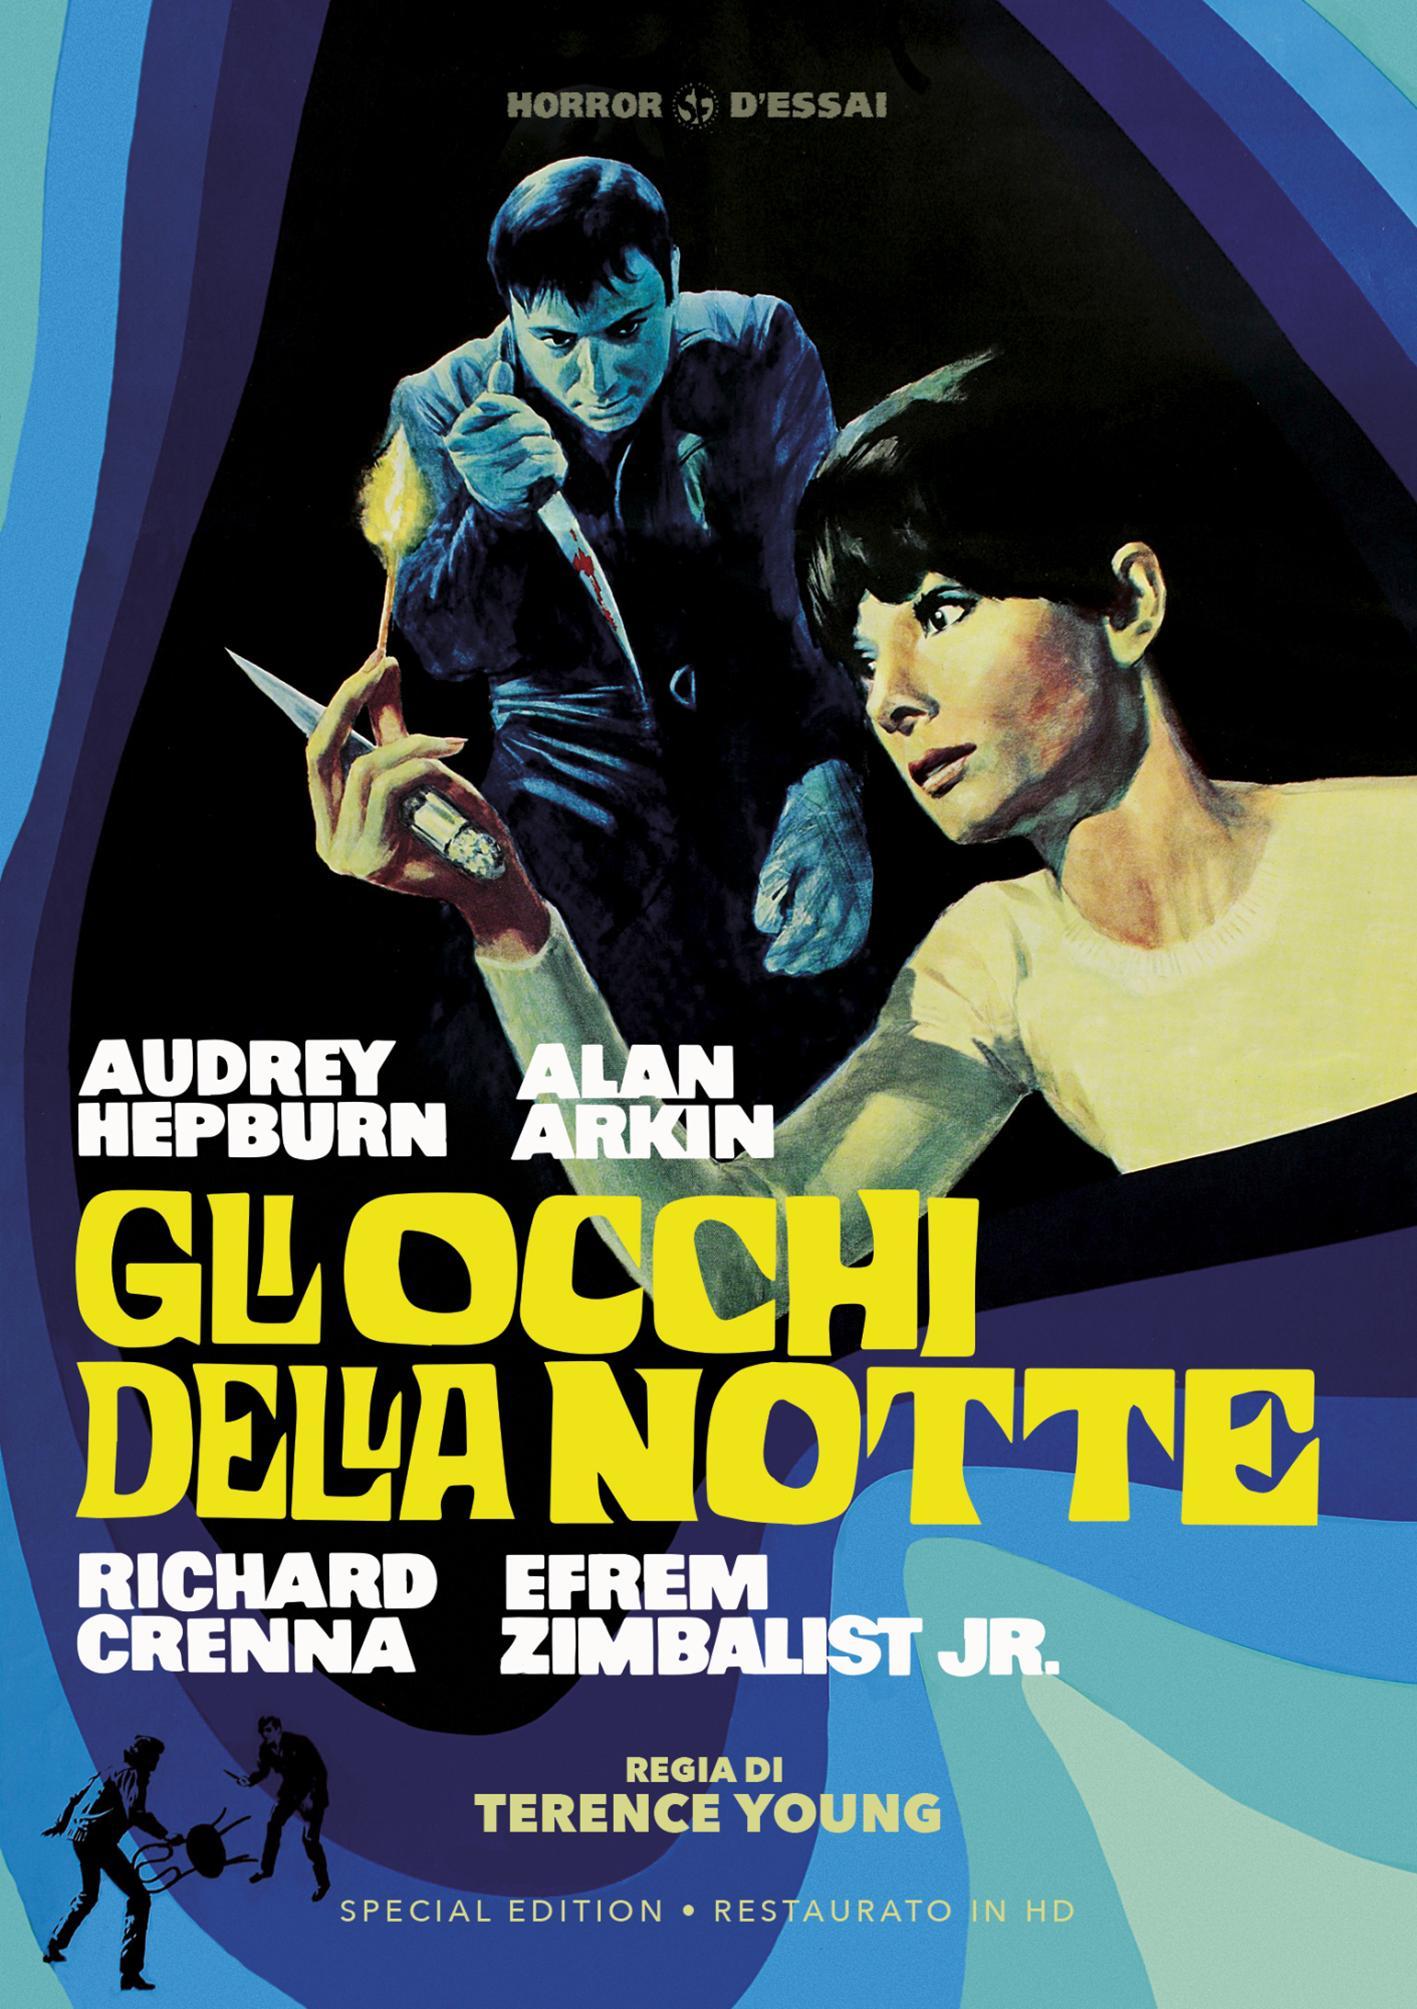 GLI OCCHI DELLA NOTTE (SPECIAL EDITION) (RESTAURATO IN HD) (DVD)